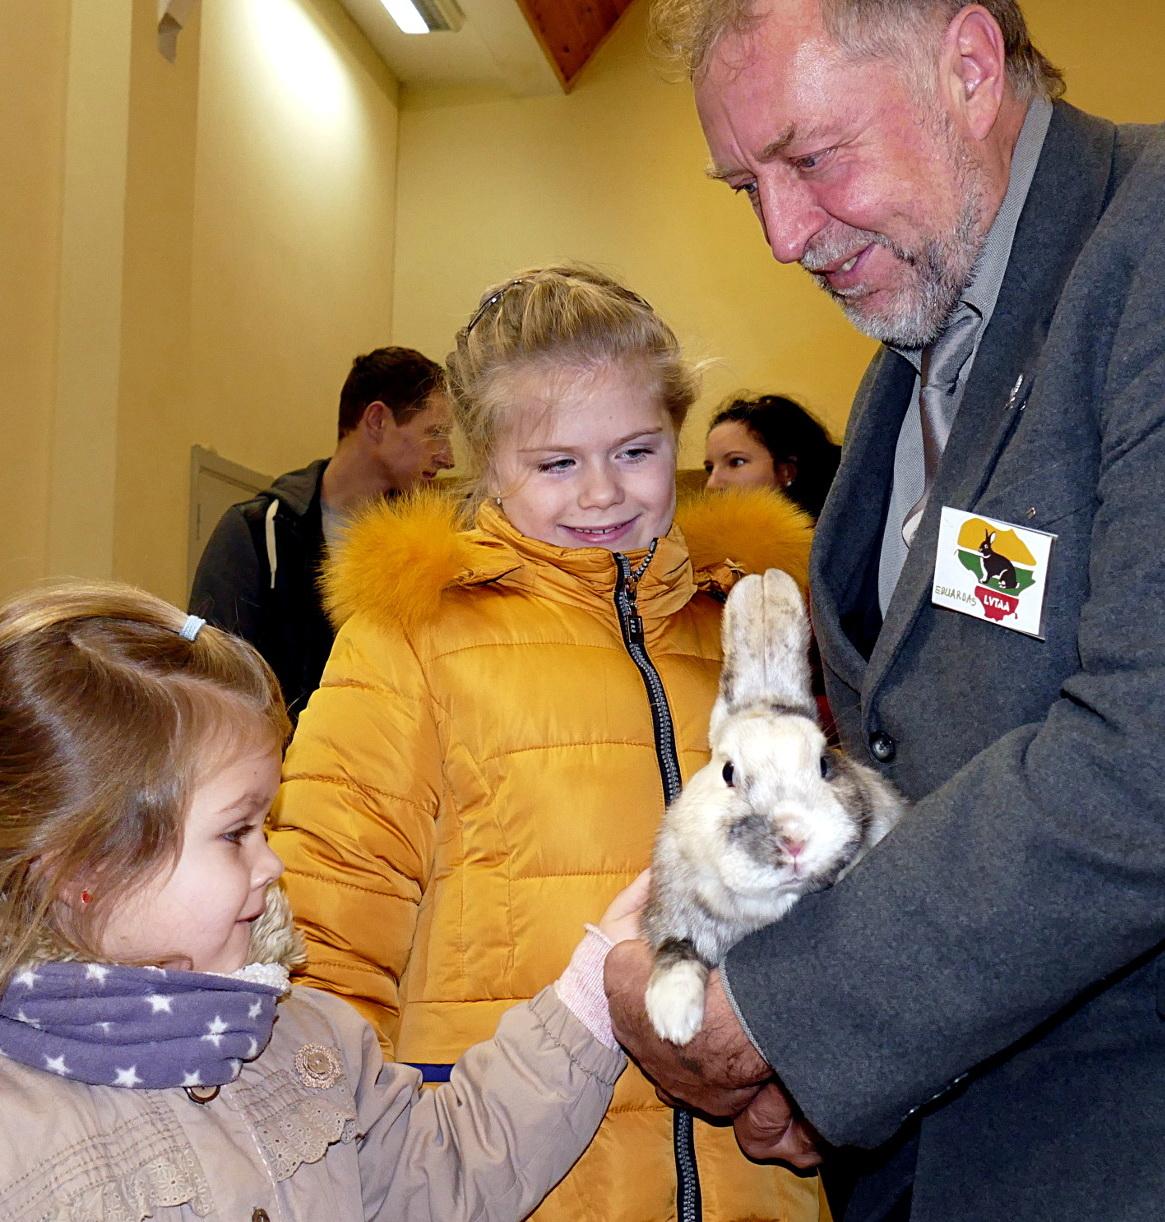 Daugiausiai džiaugsmo švelniakailiai ilgaausiai žvėreliai suteikė vaikams.